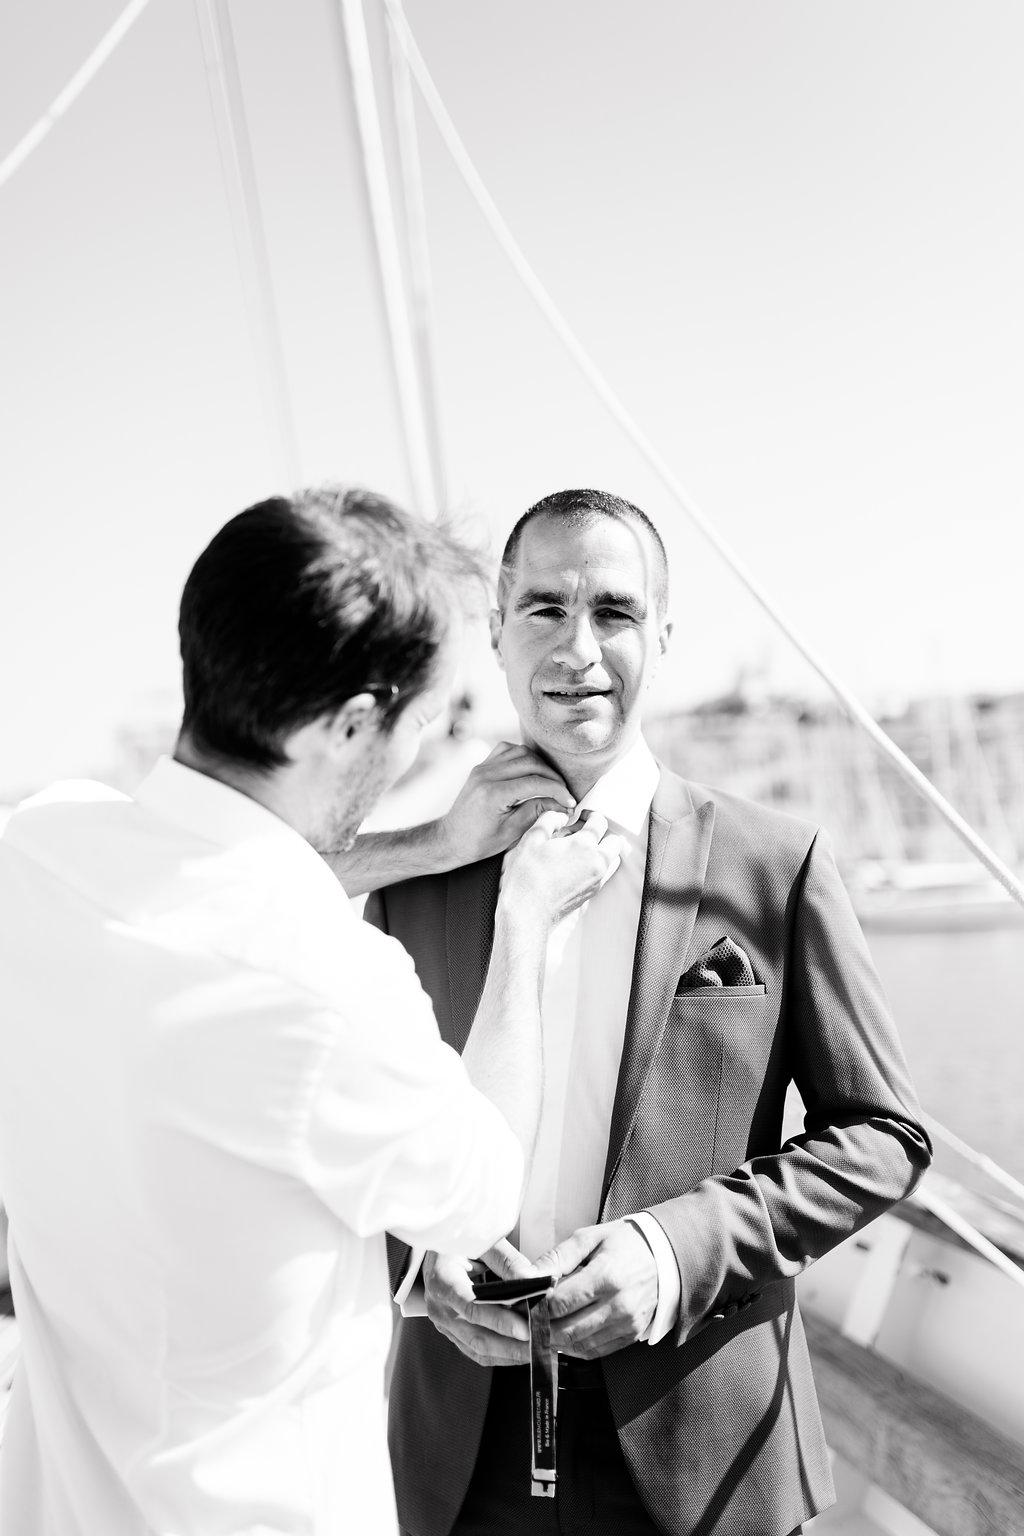 le coeur dans les etoiles - wedding planner - provence - sardaigne - shooting inspiration - mariage voilier - audrey carnoy - preparatifs marie 3